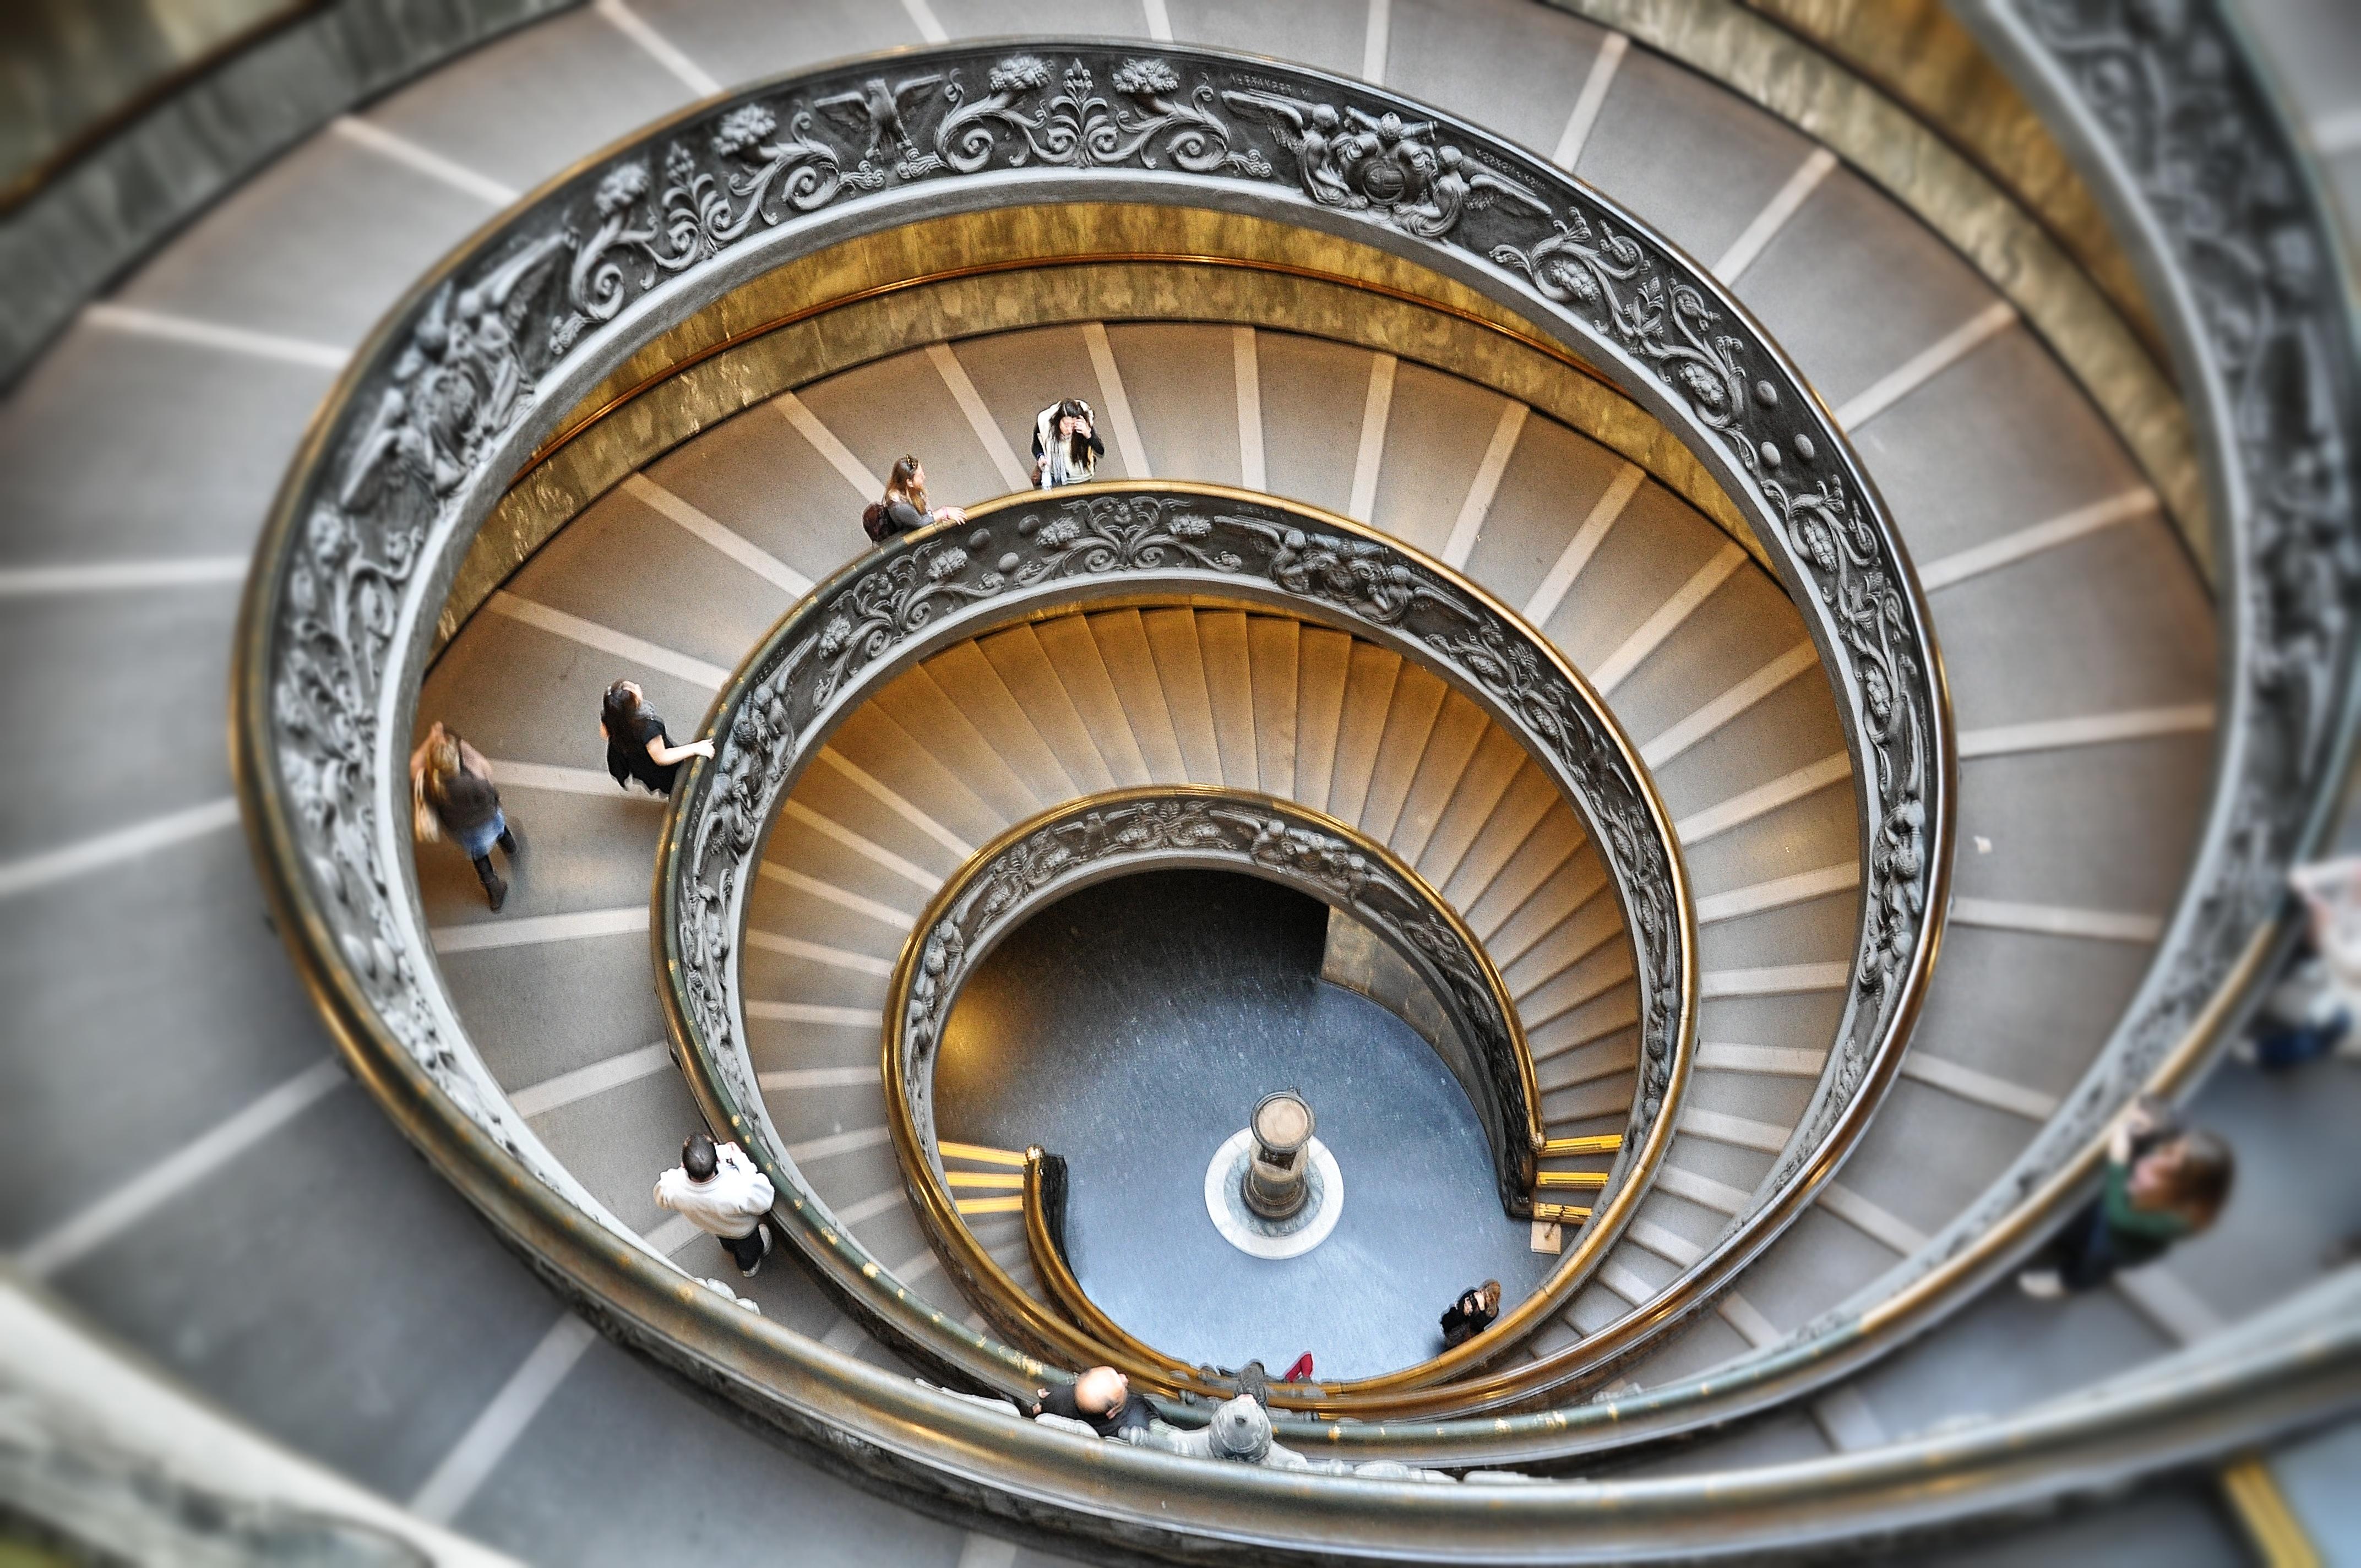 них считаются лестницы круг фото жалобы когда удаётся